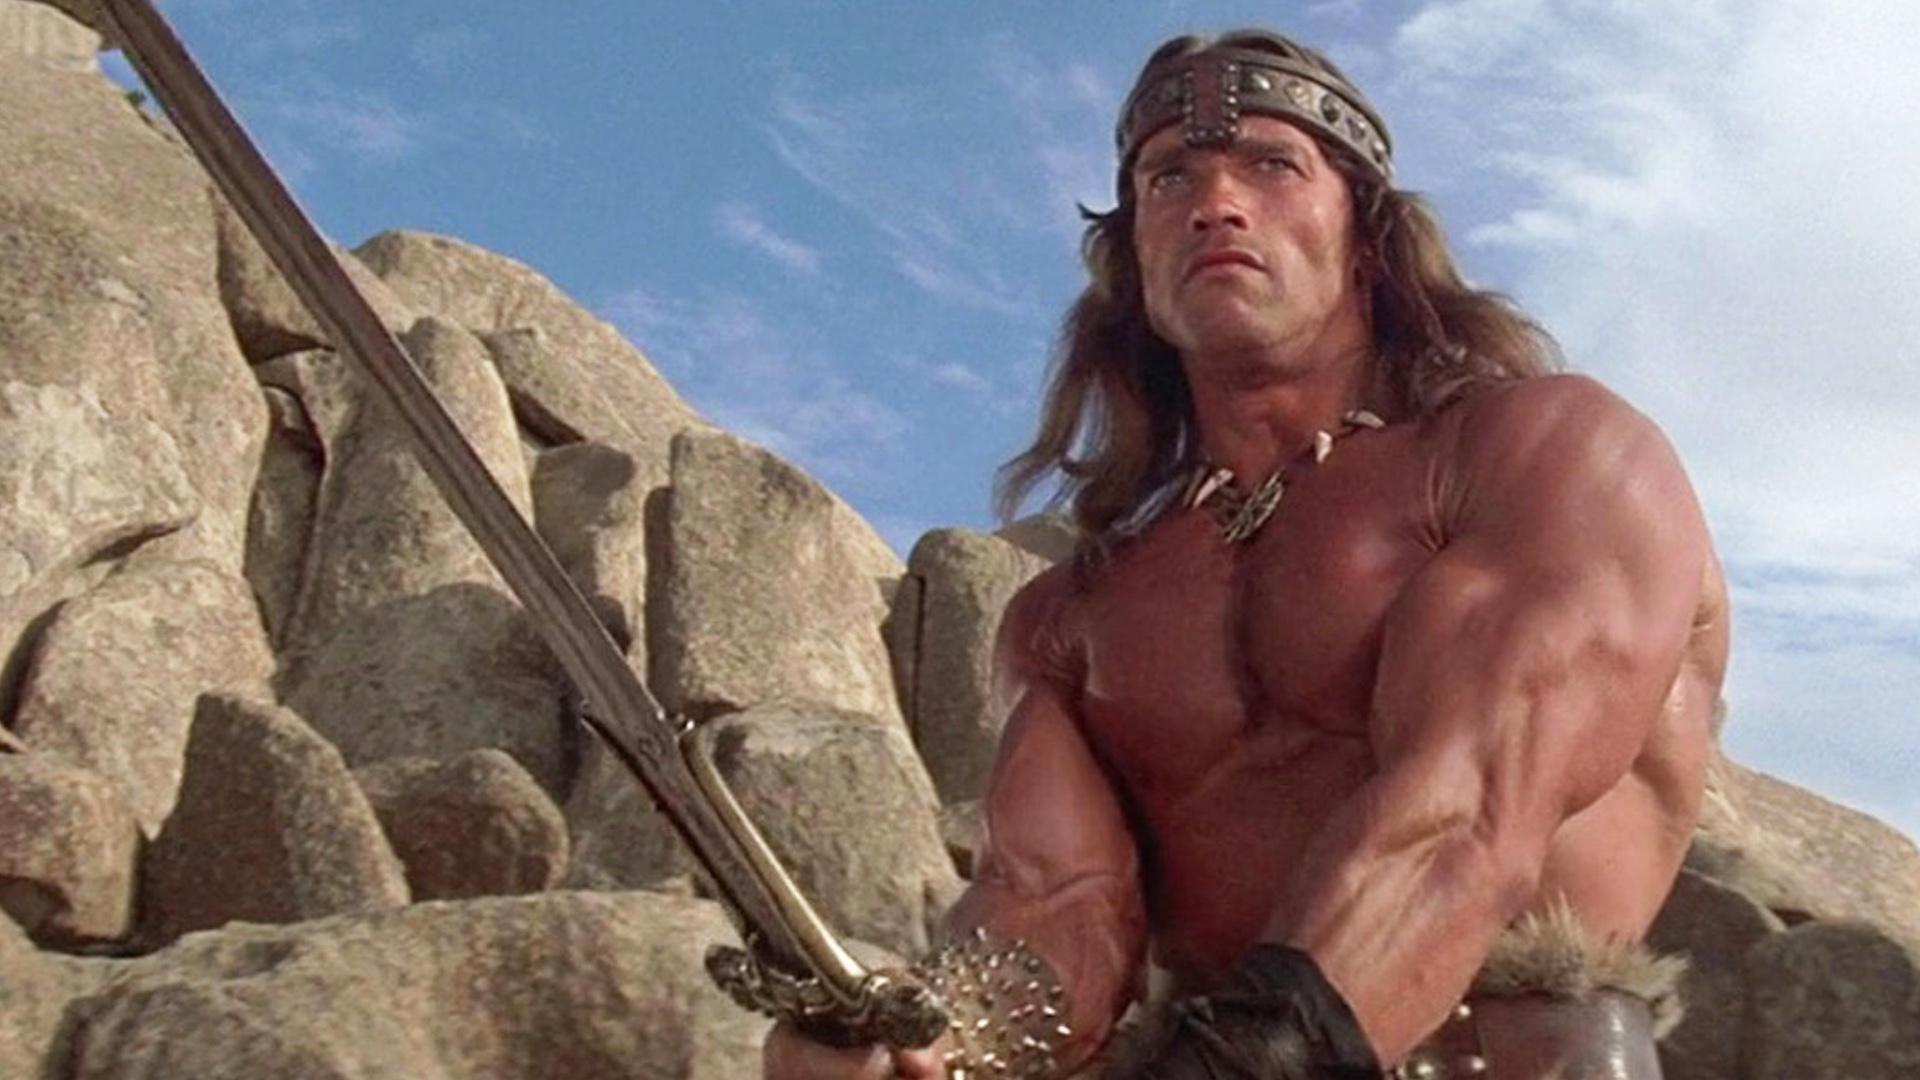 Update on Arnold Schwa... Arnold Schwarzenegger Movies